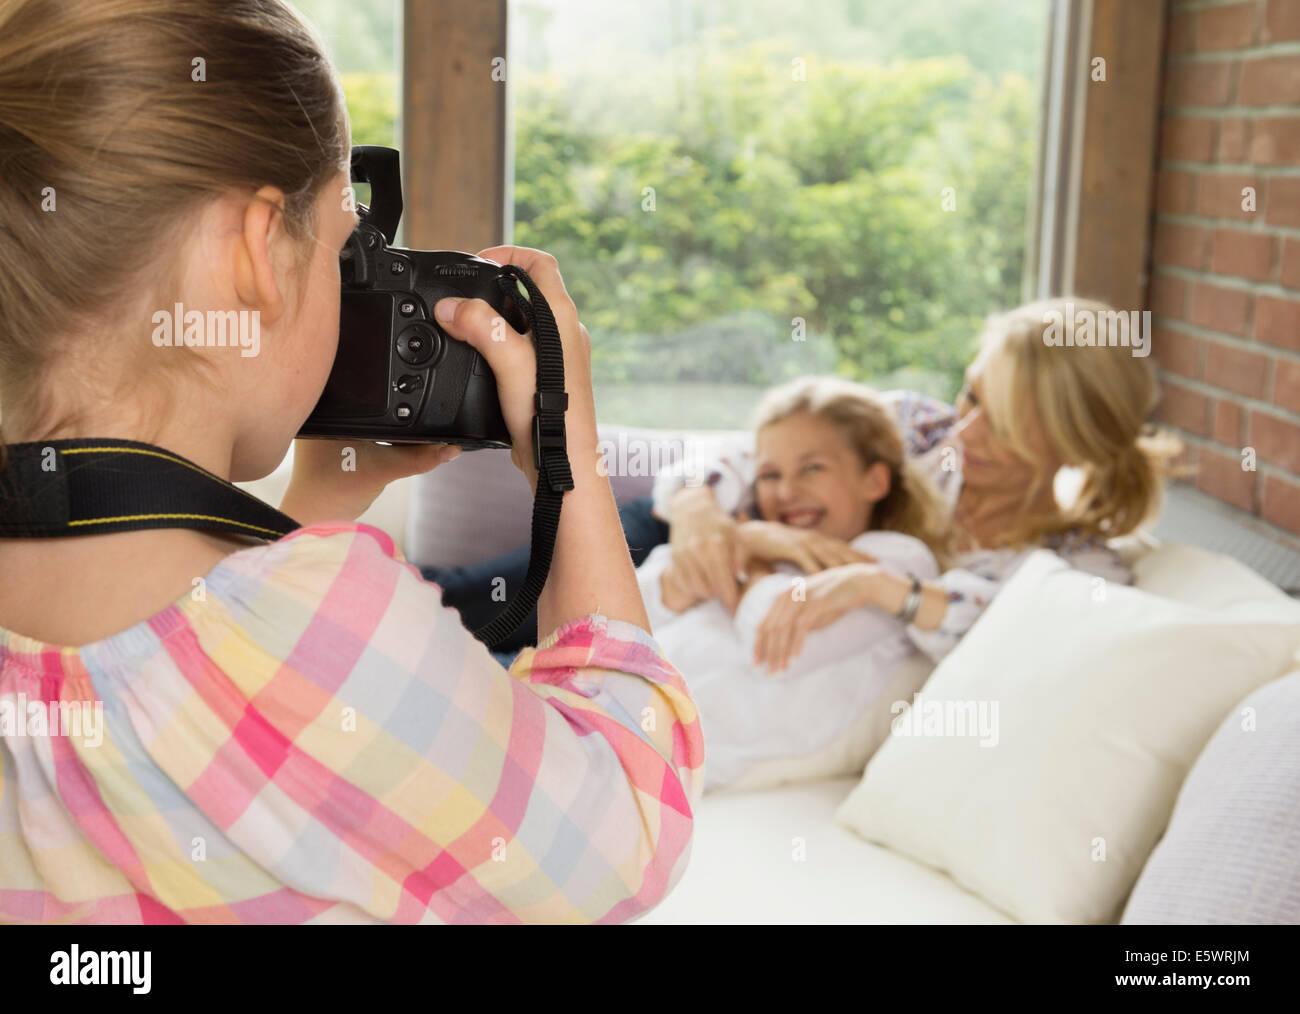 Hija de tomar fotografía de madre y hermana Imagen De Stock